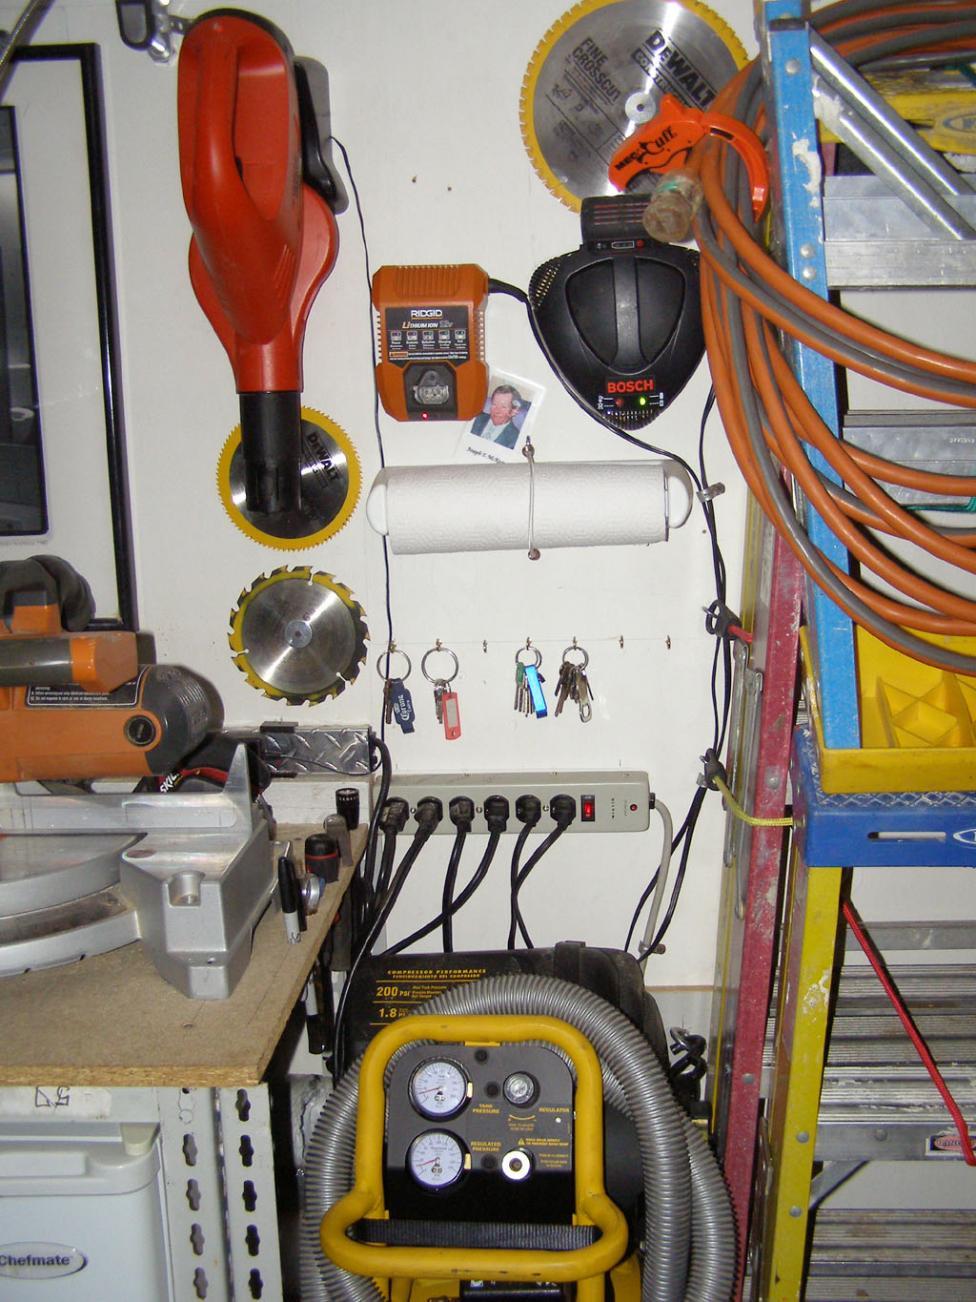 Post your work truck/van thread-sept5-008.jpg